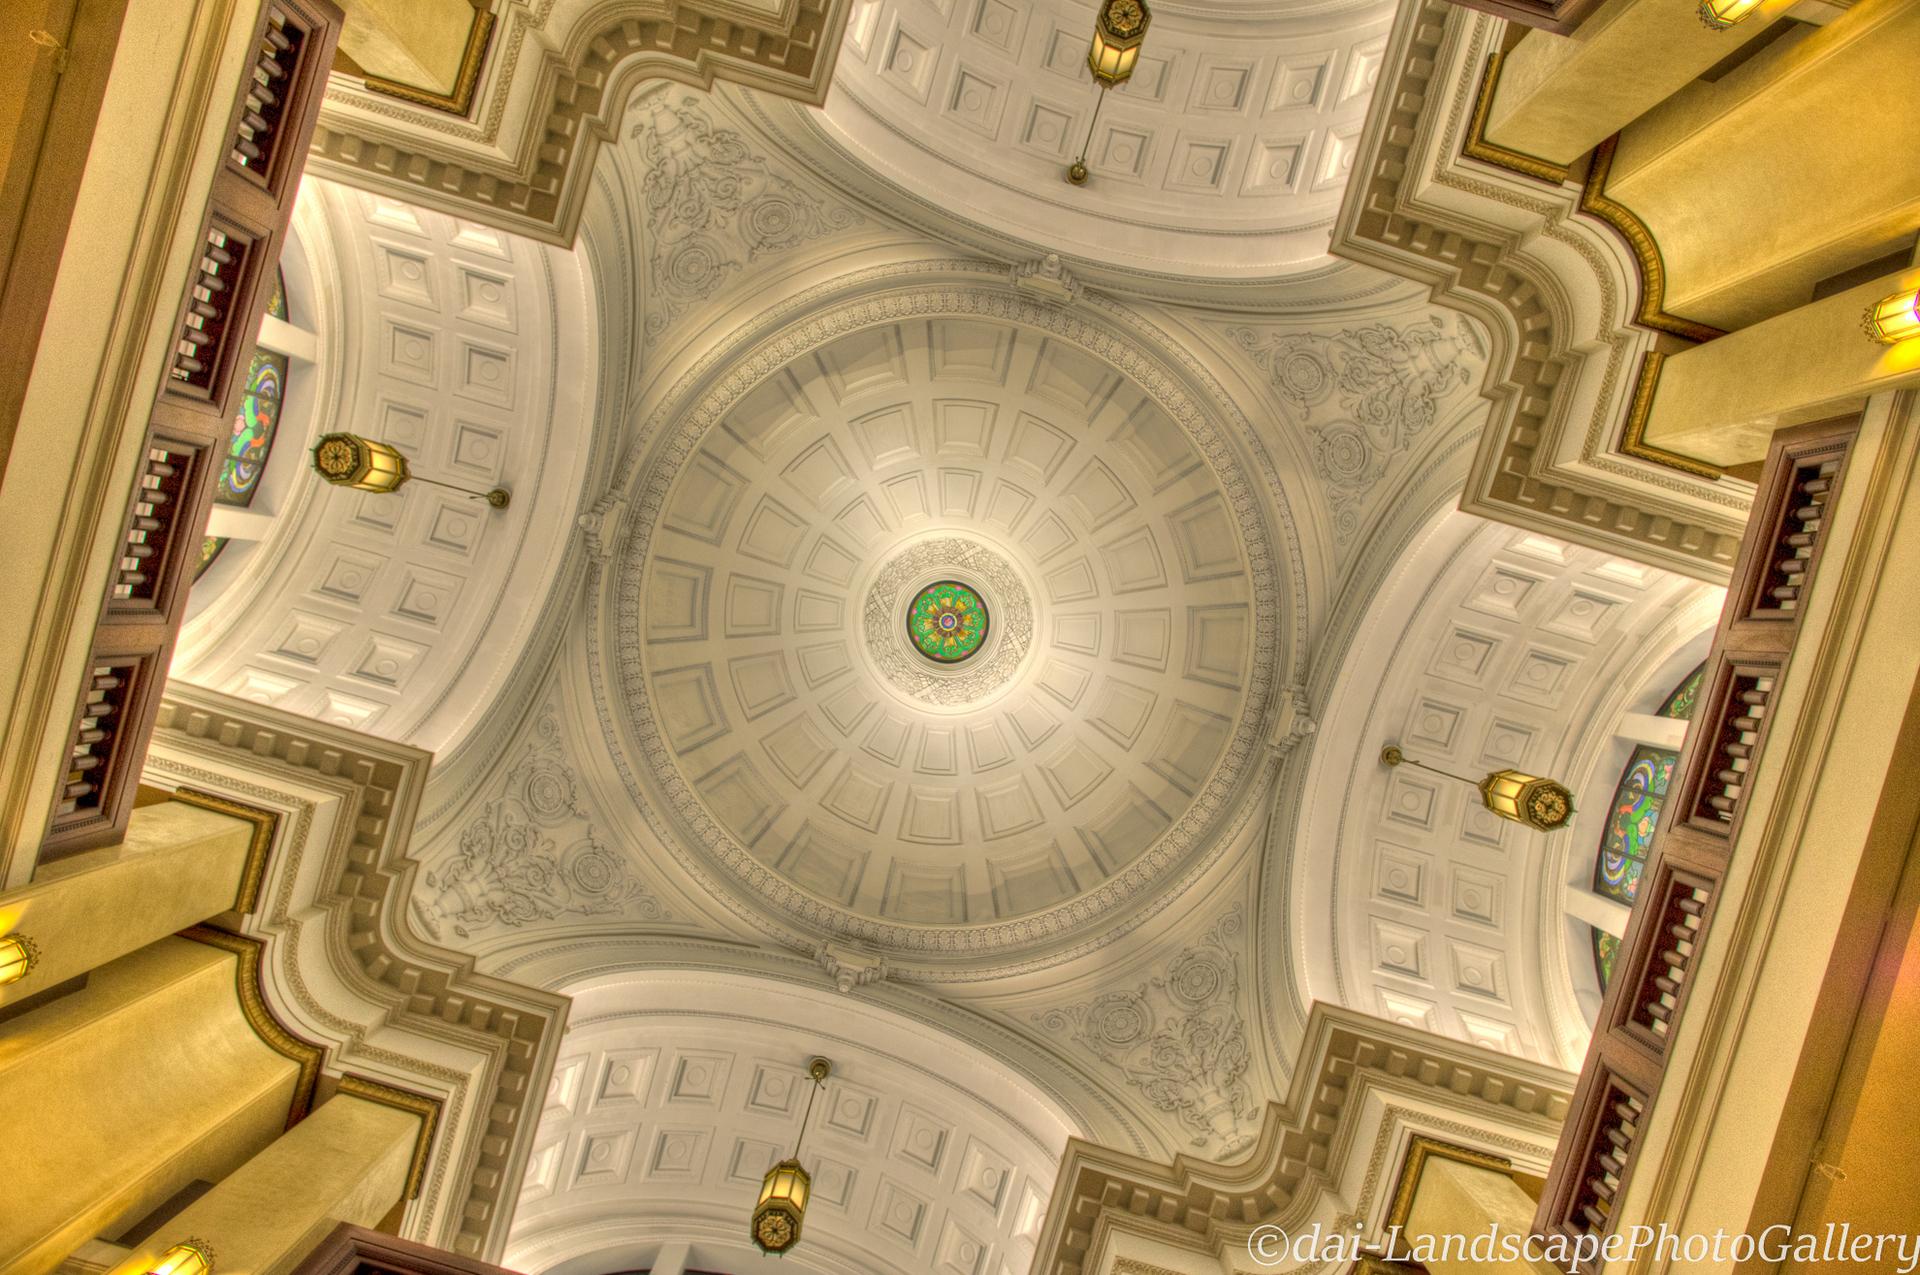 国立科学博物館 日本館天井【HDRi】